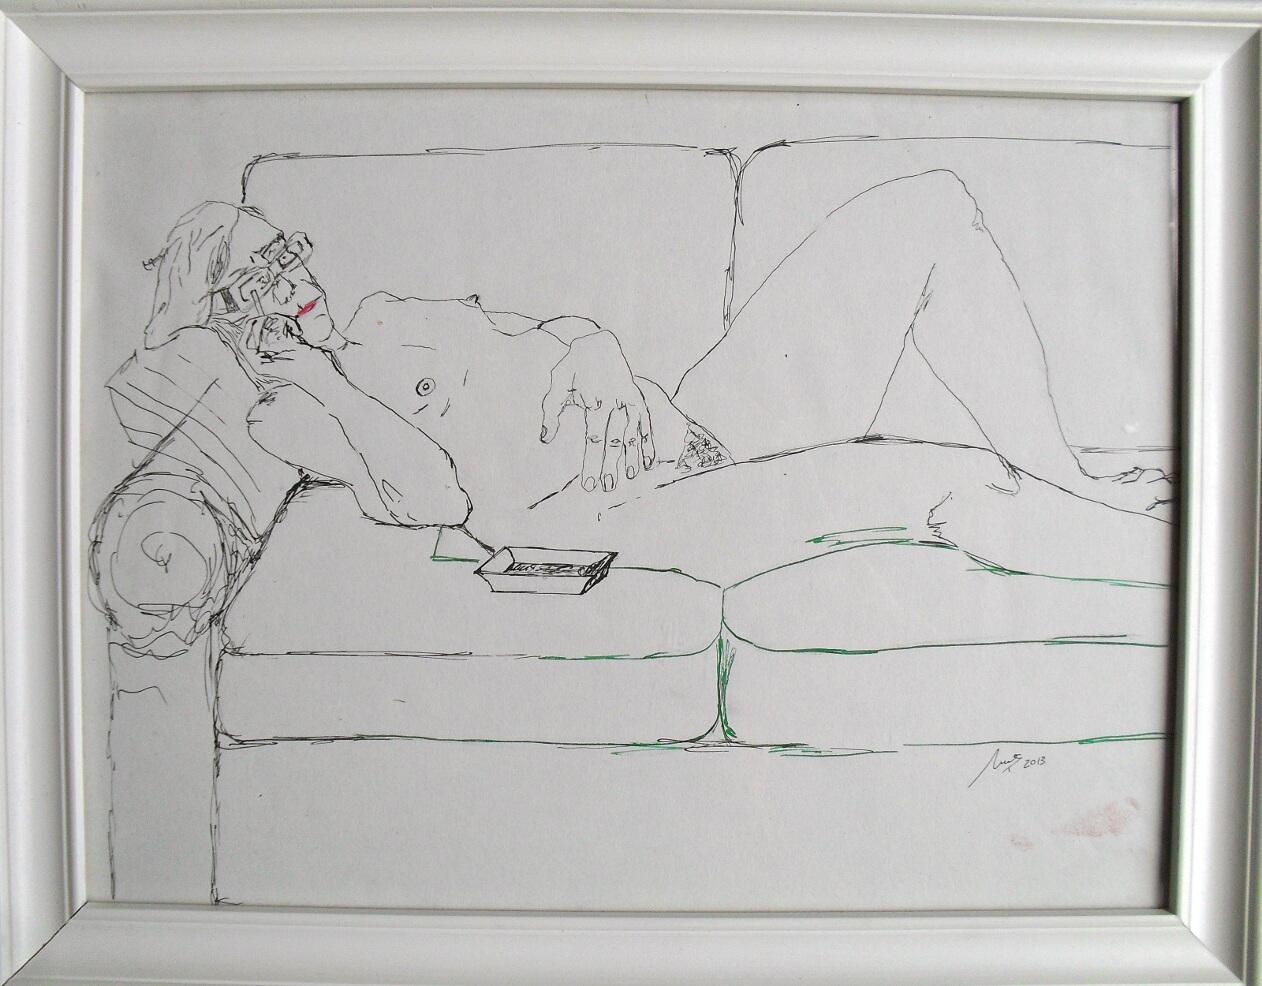 En el sofá - Cuadro en venta Artista Maite Arriaga